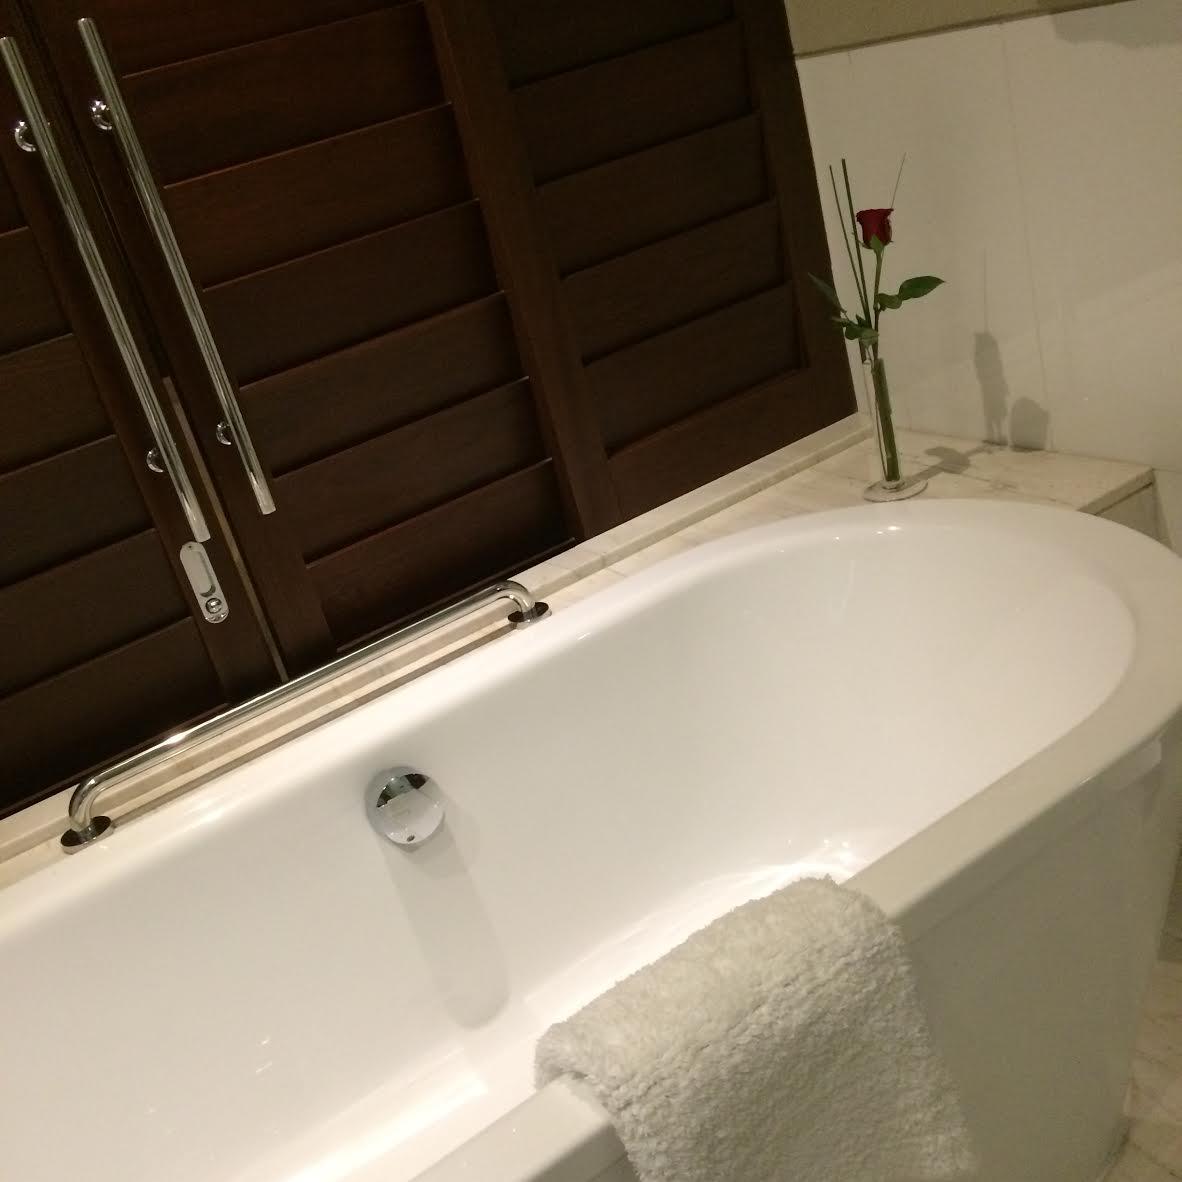 Bath, yes please!